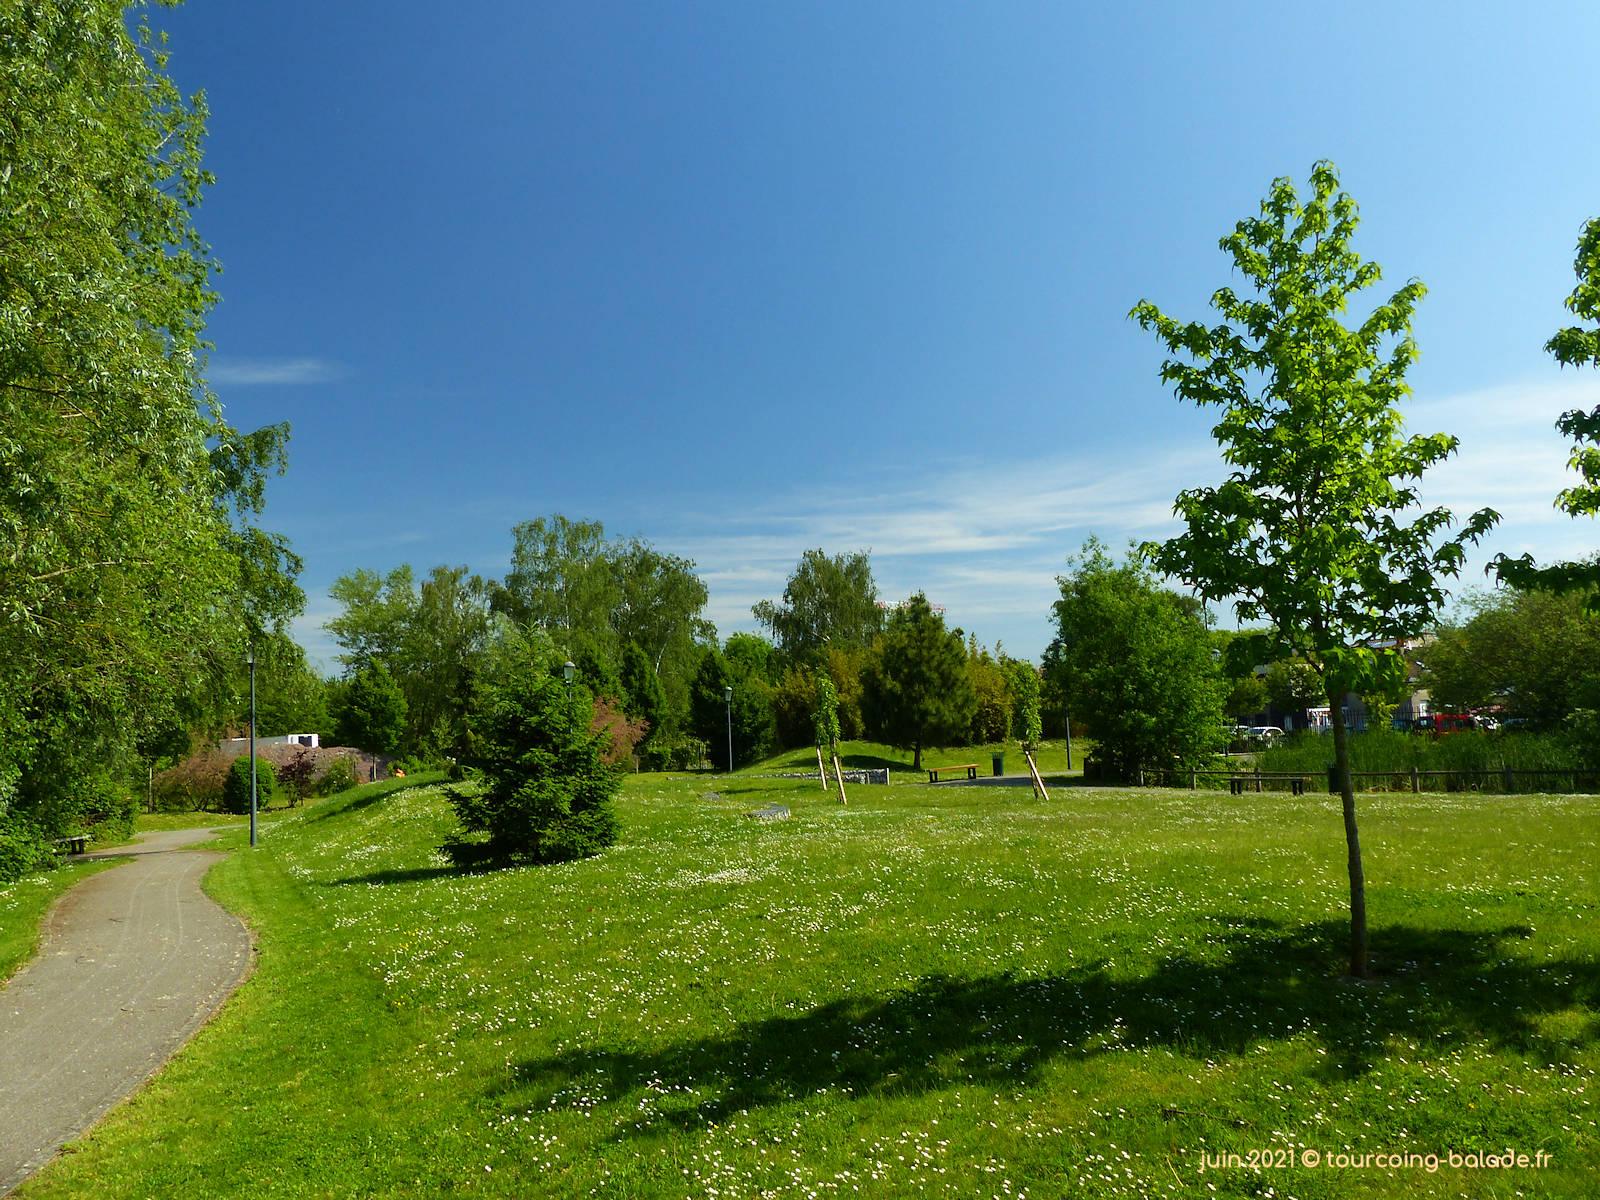 Parc Urbain Monplaisir, Marcq-en-Baroeul